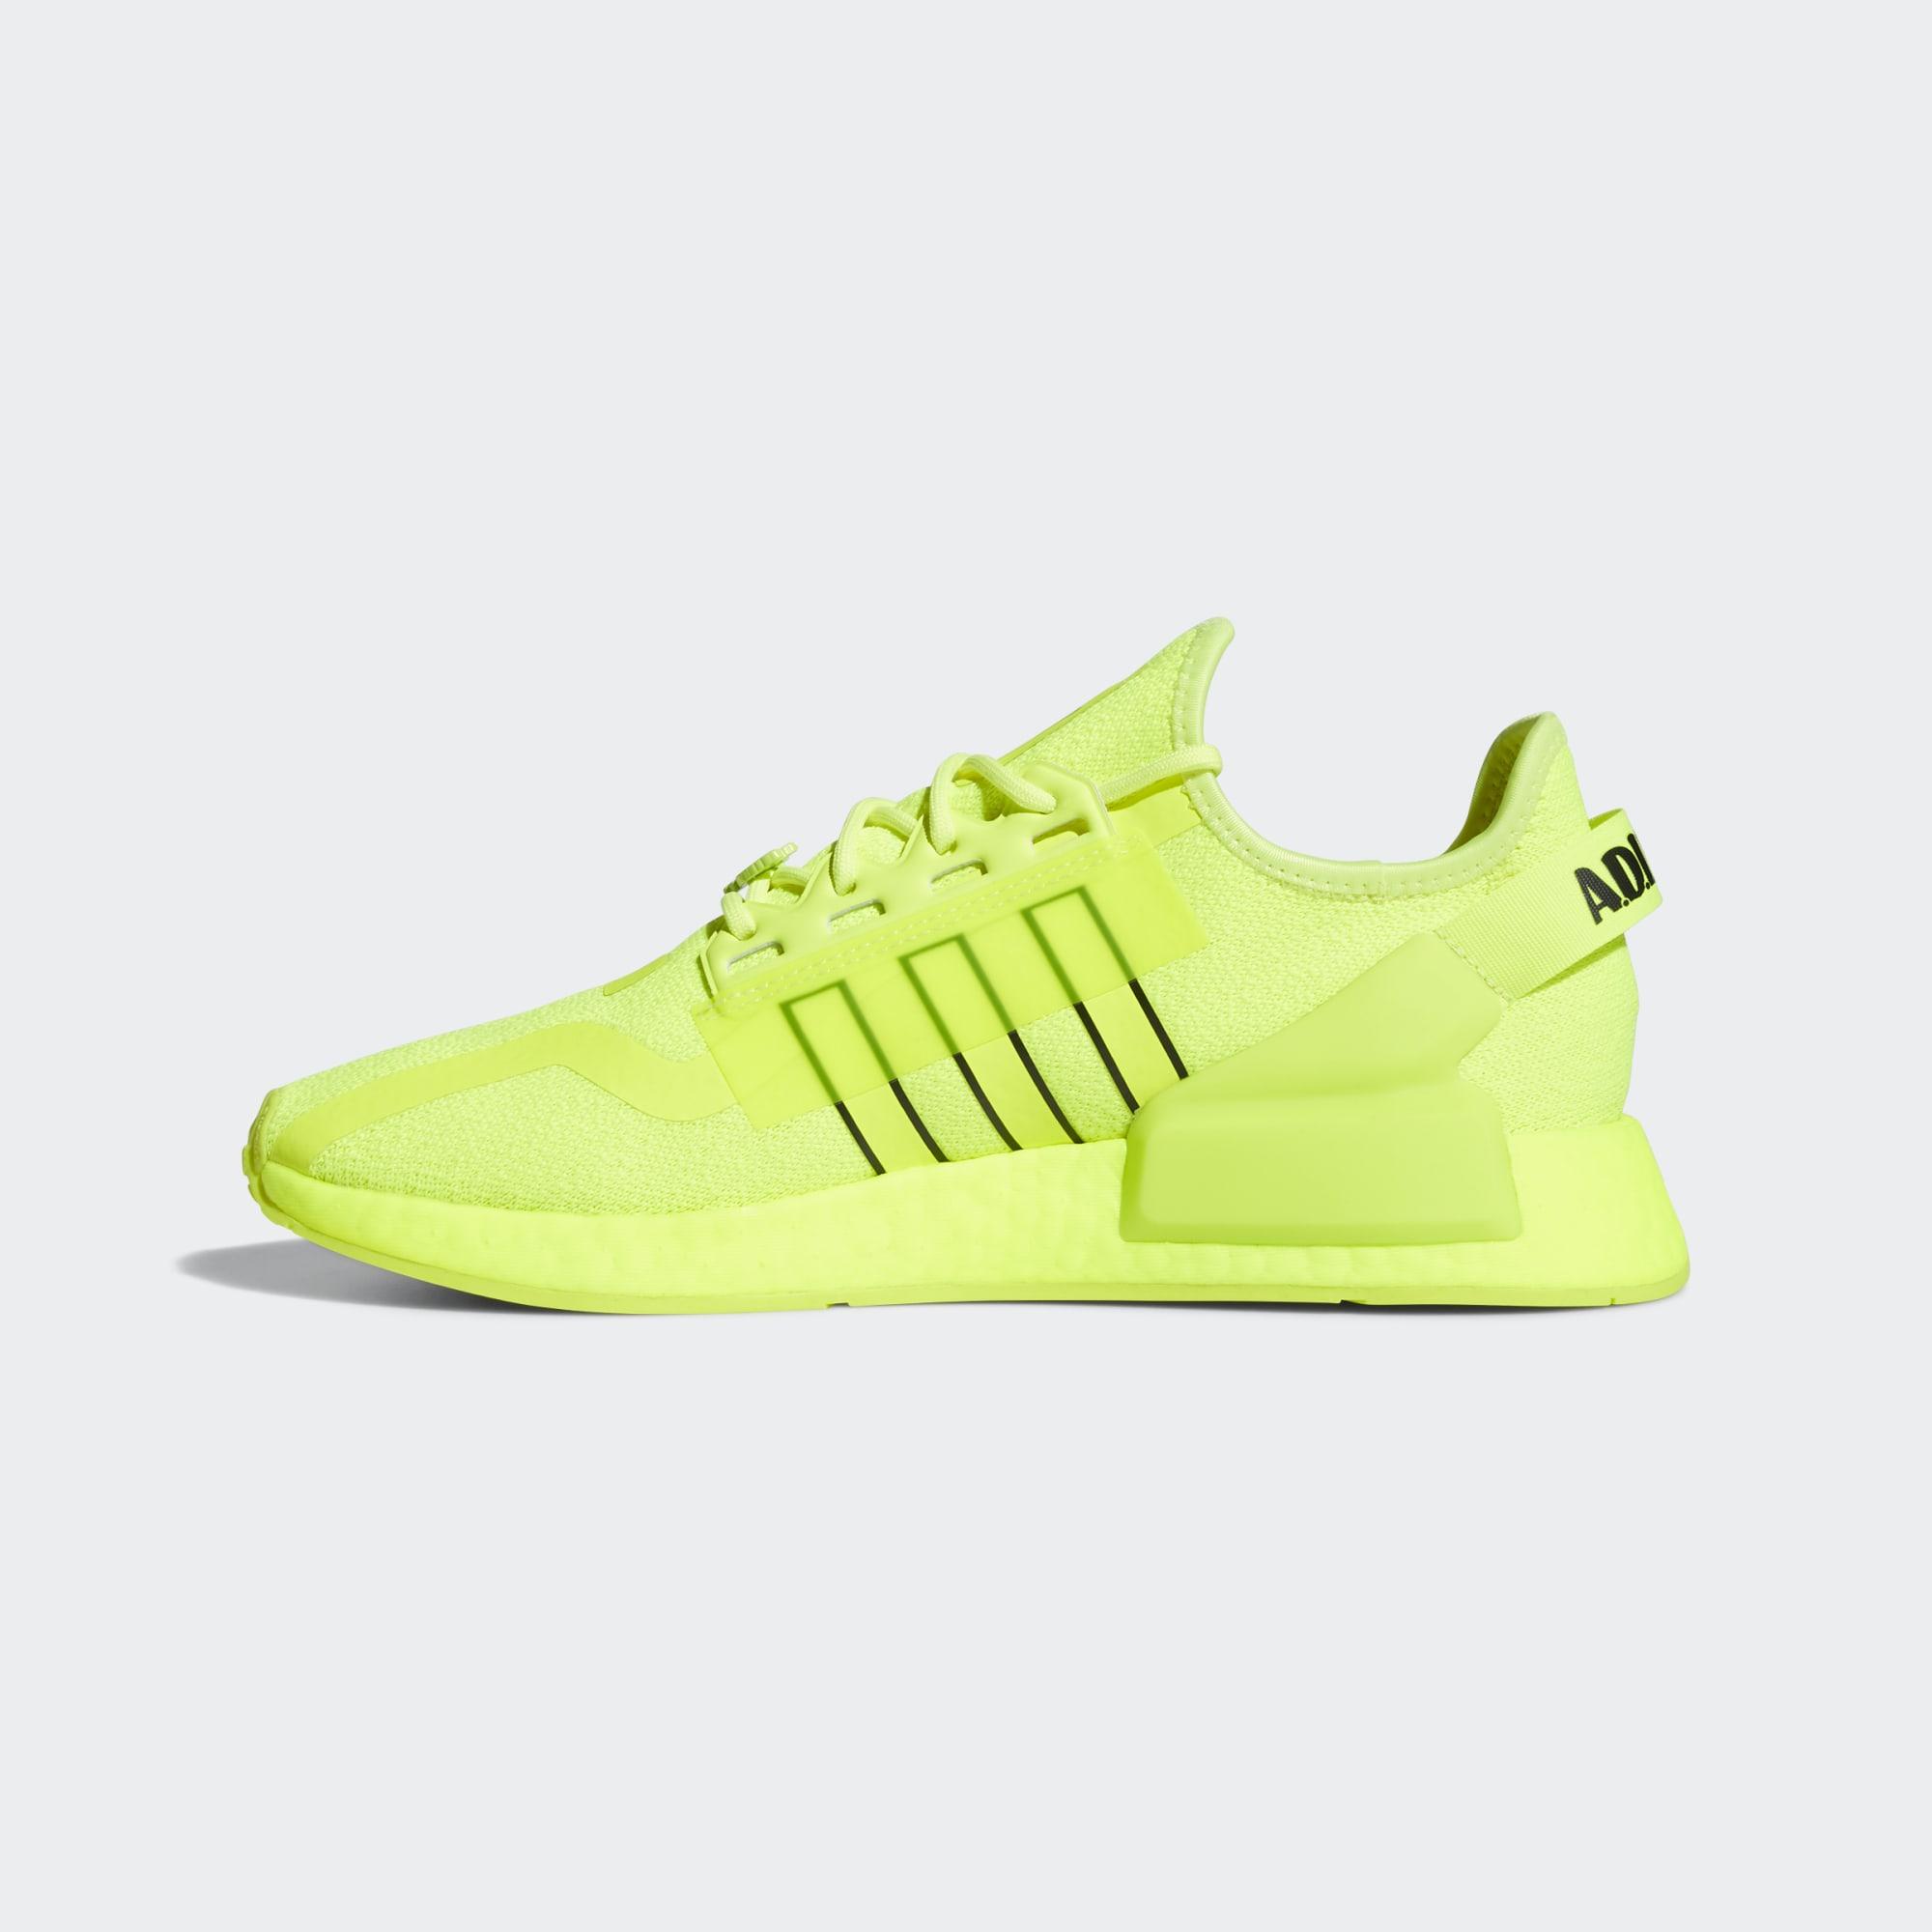 NMD_R1_V2_Shoes_Yellow_H02654_06_standard.jpg